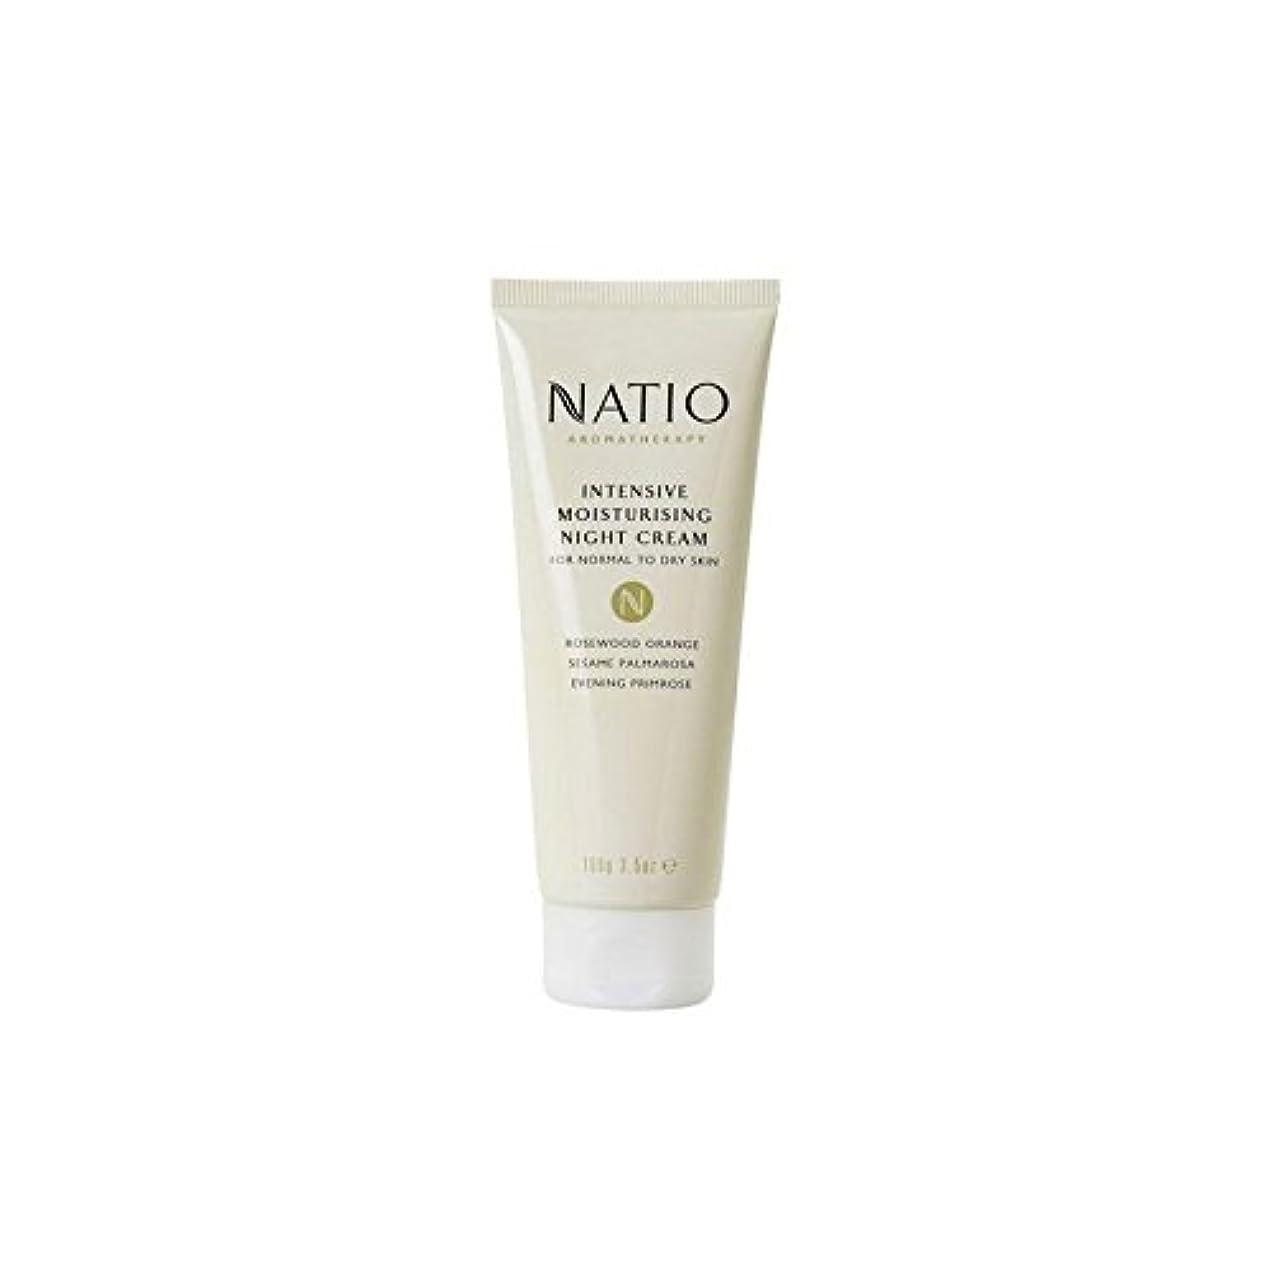 オーストラリア溶かす誠意集中的な保湿ナイトクリーム(100グラム) x4 - Natio Intensive Moisturising Night Cream (100G) (Pack of 4) [並行輸入品]